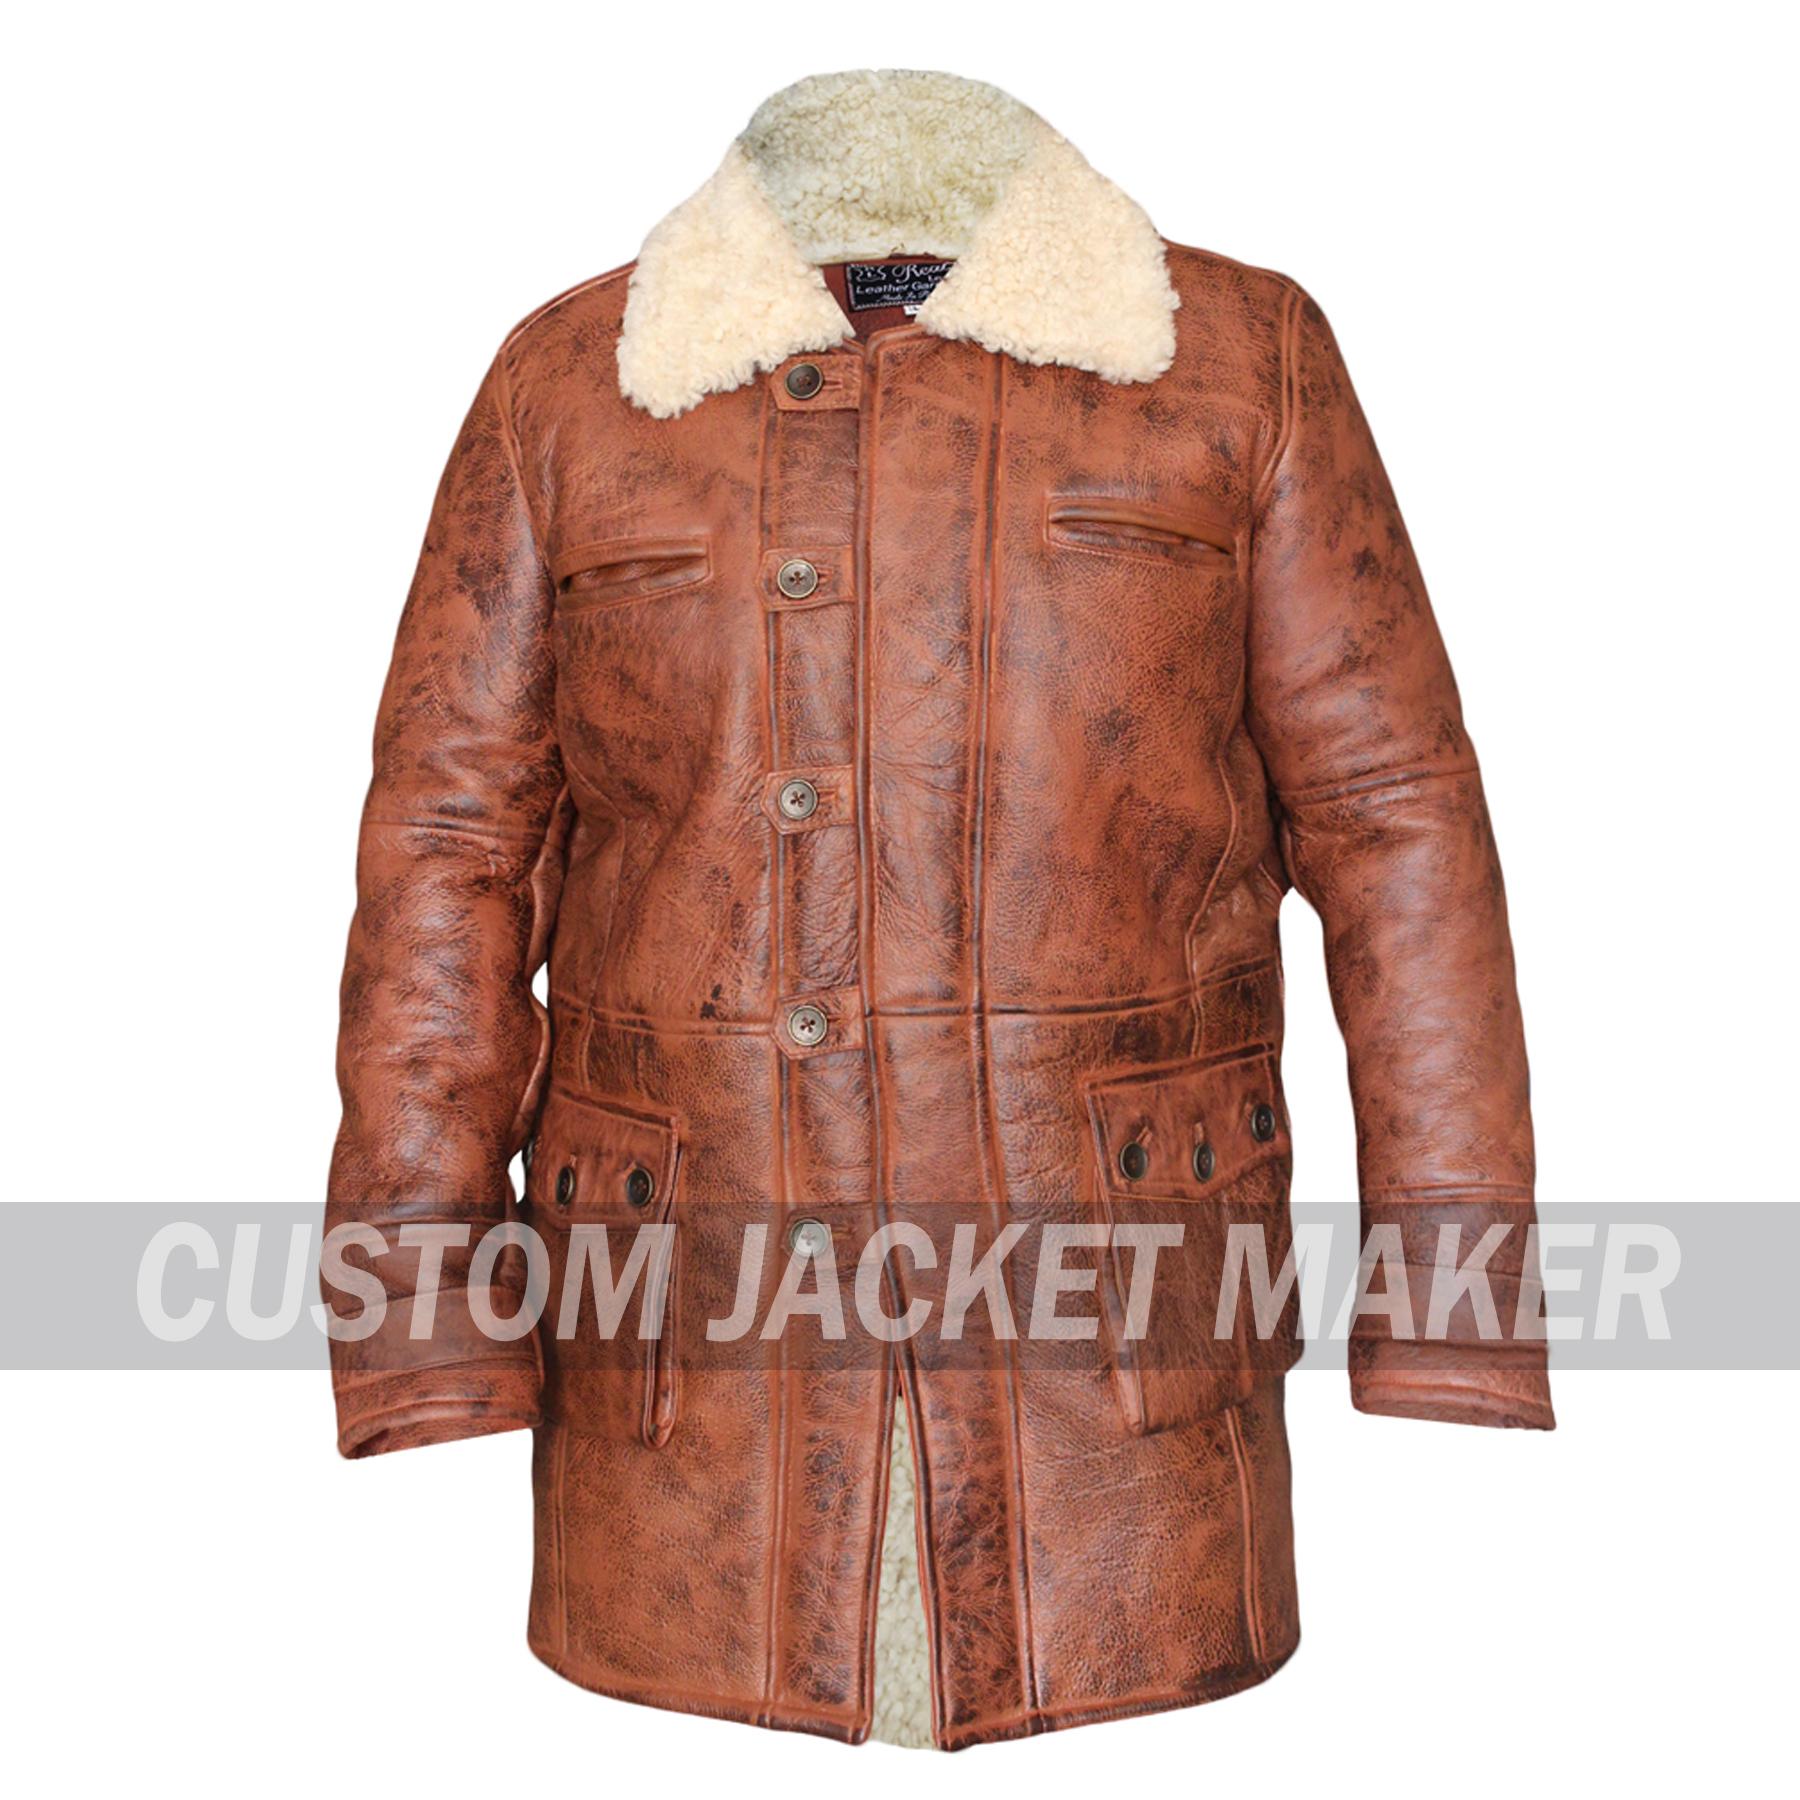 custom jacket maker